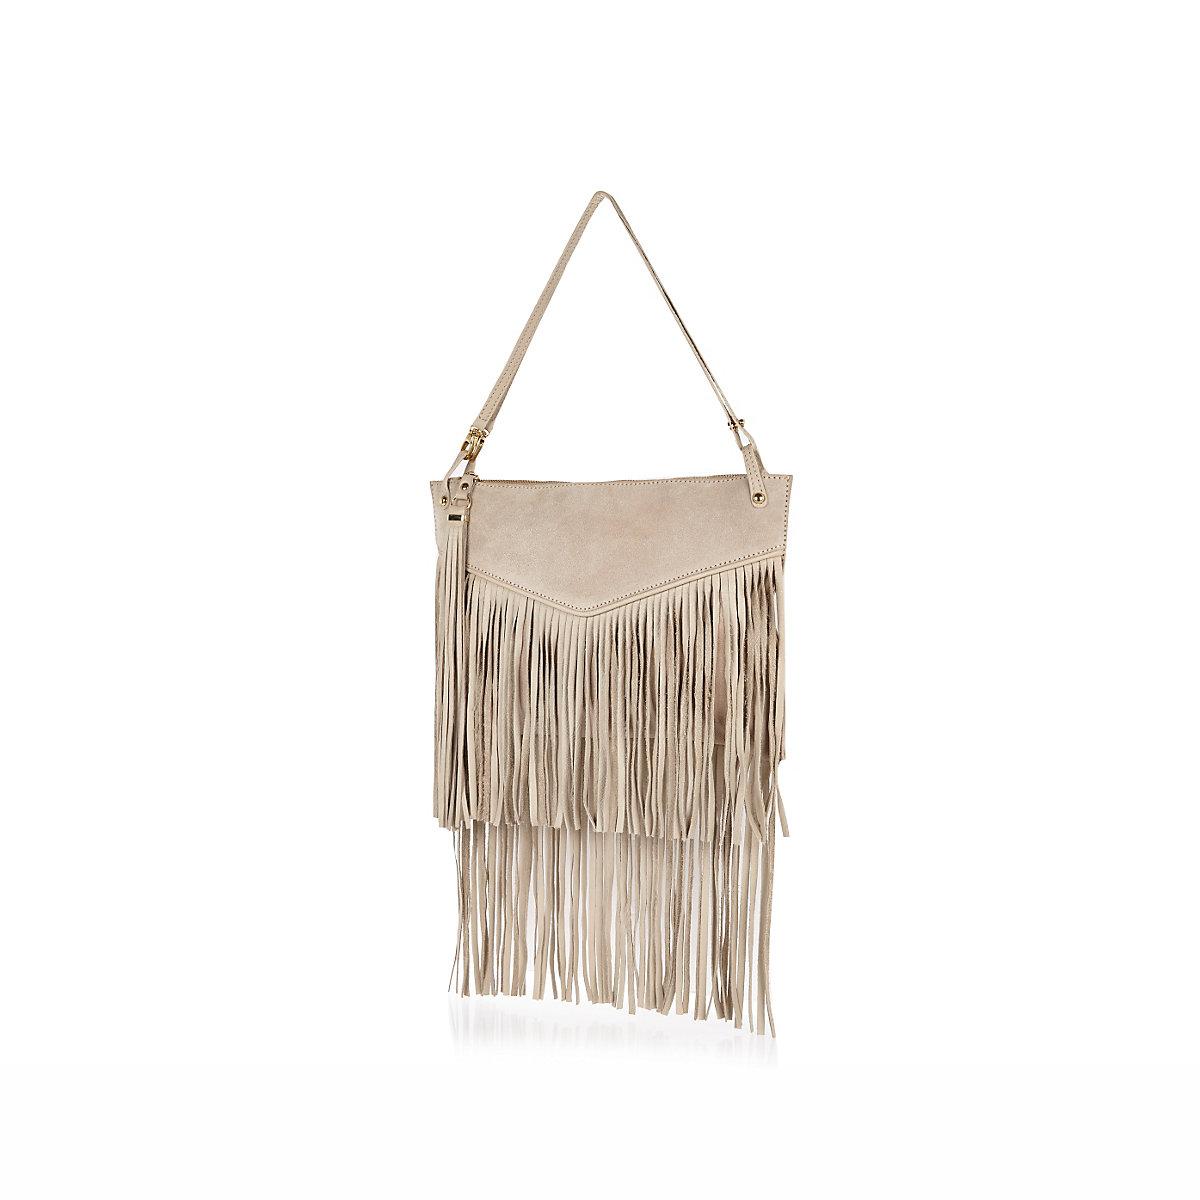 Cream leather fringed bag